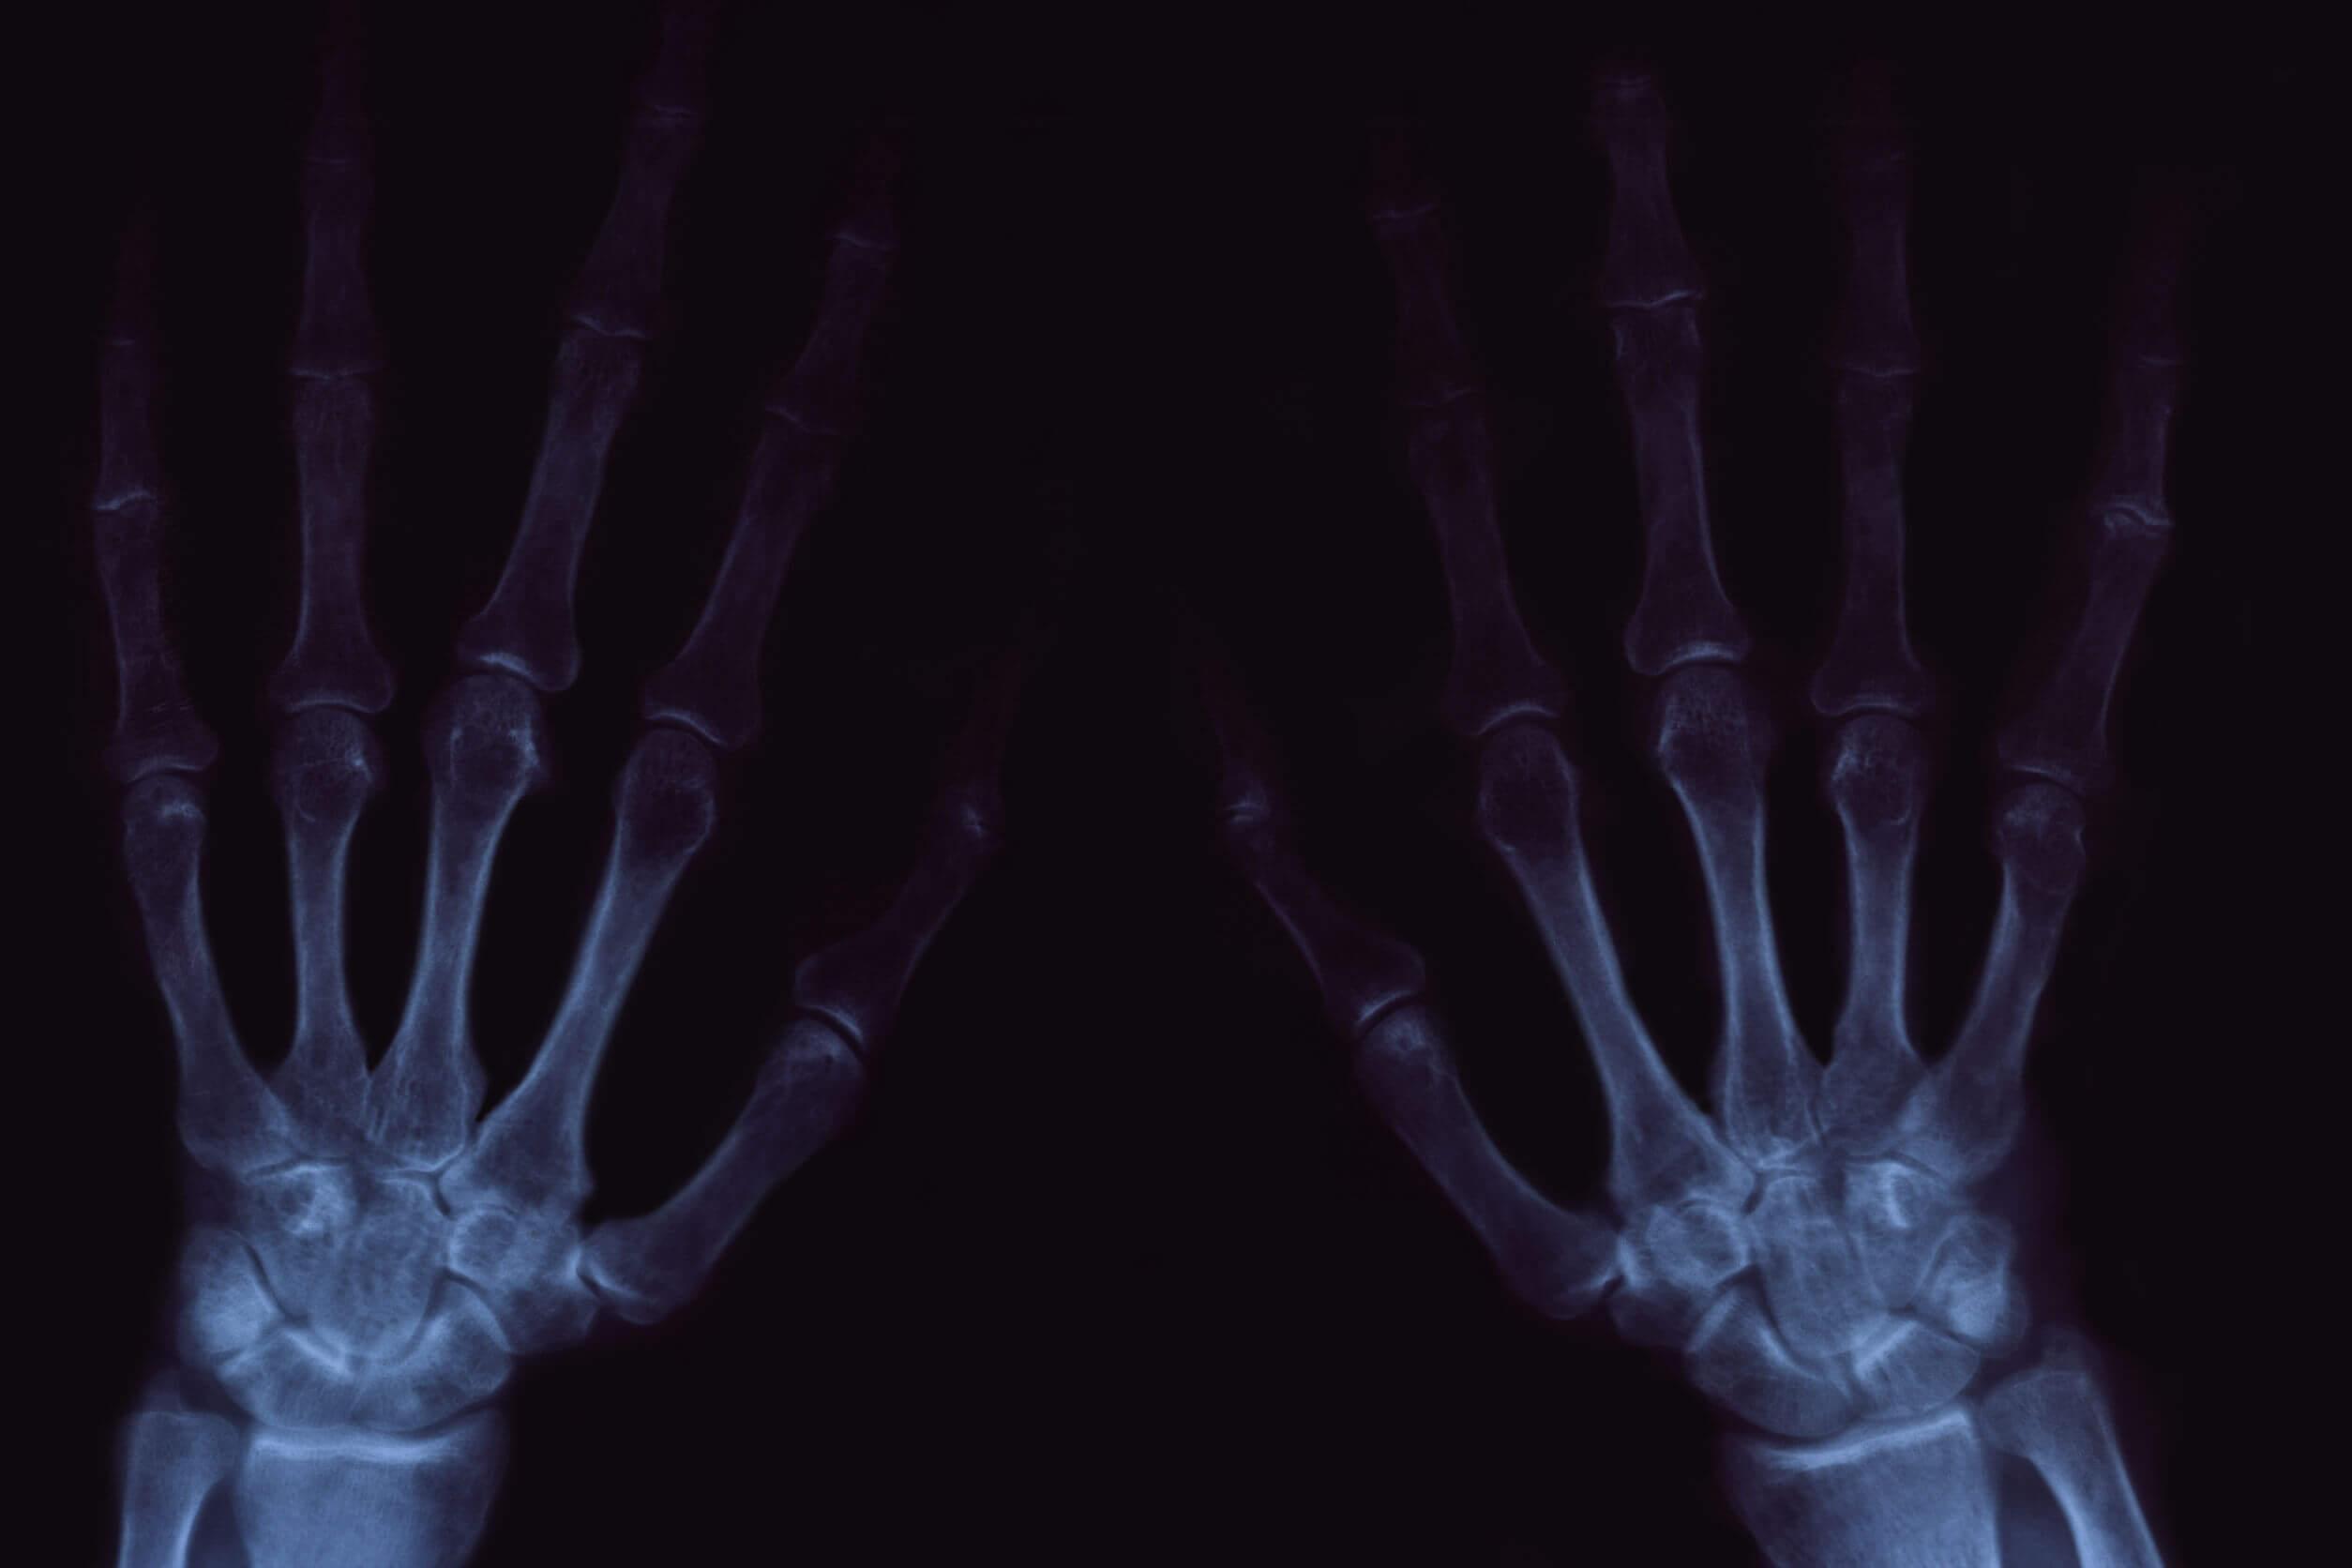 O rangido nas articulações pode ser doloroso nos casos de artrose.